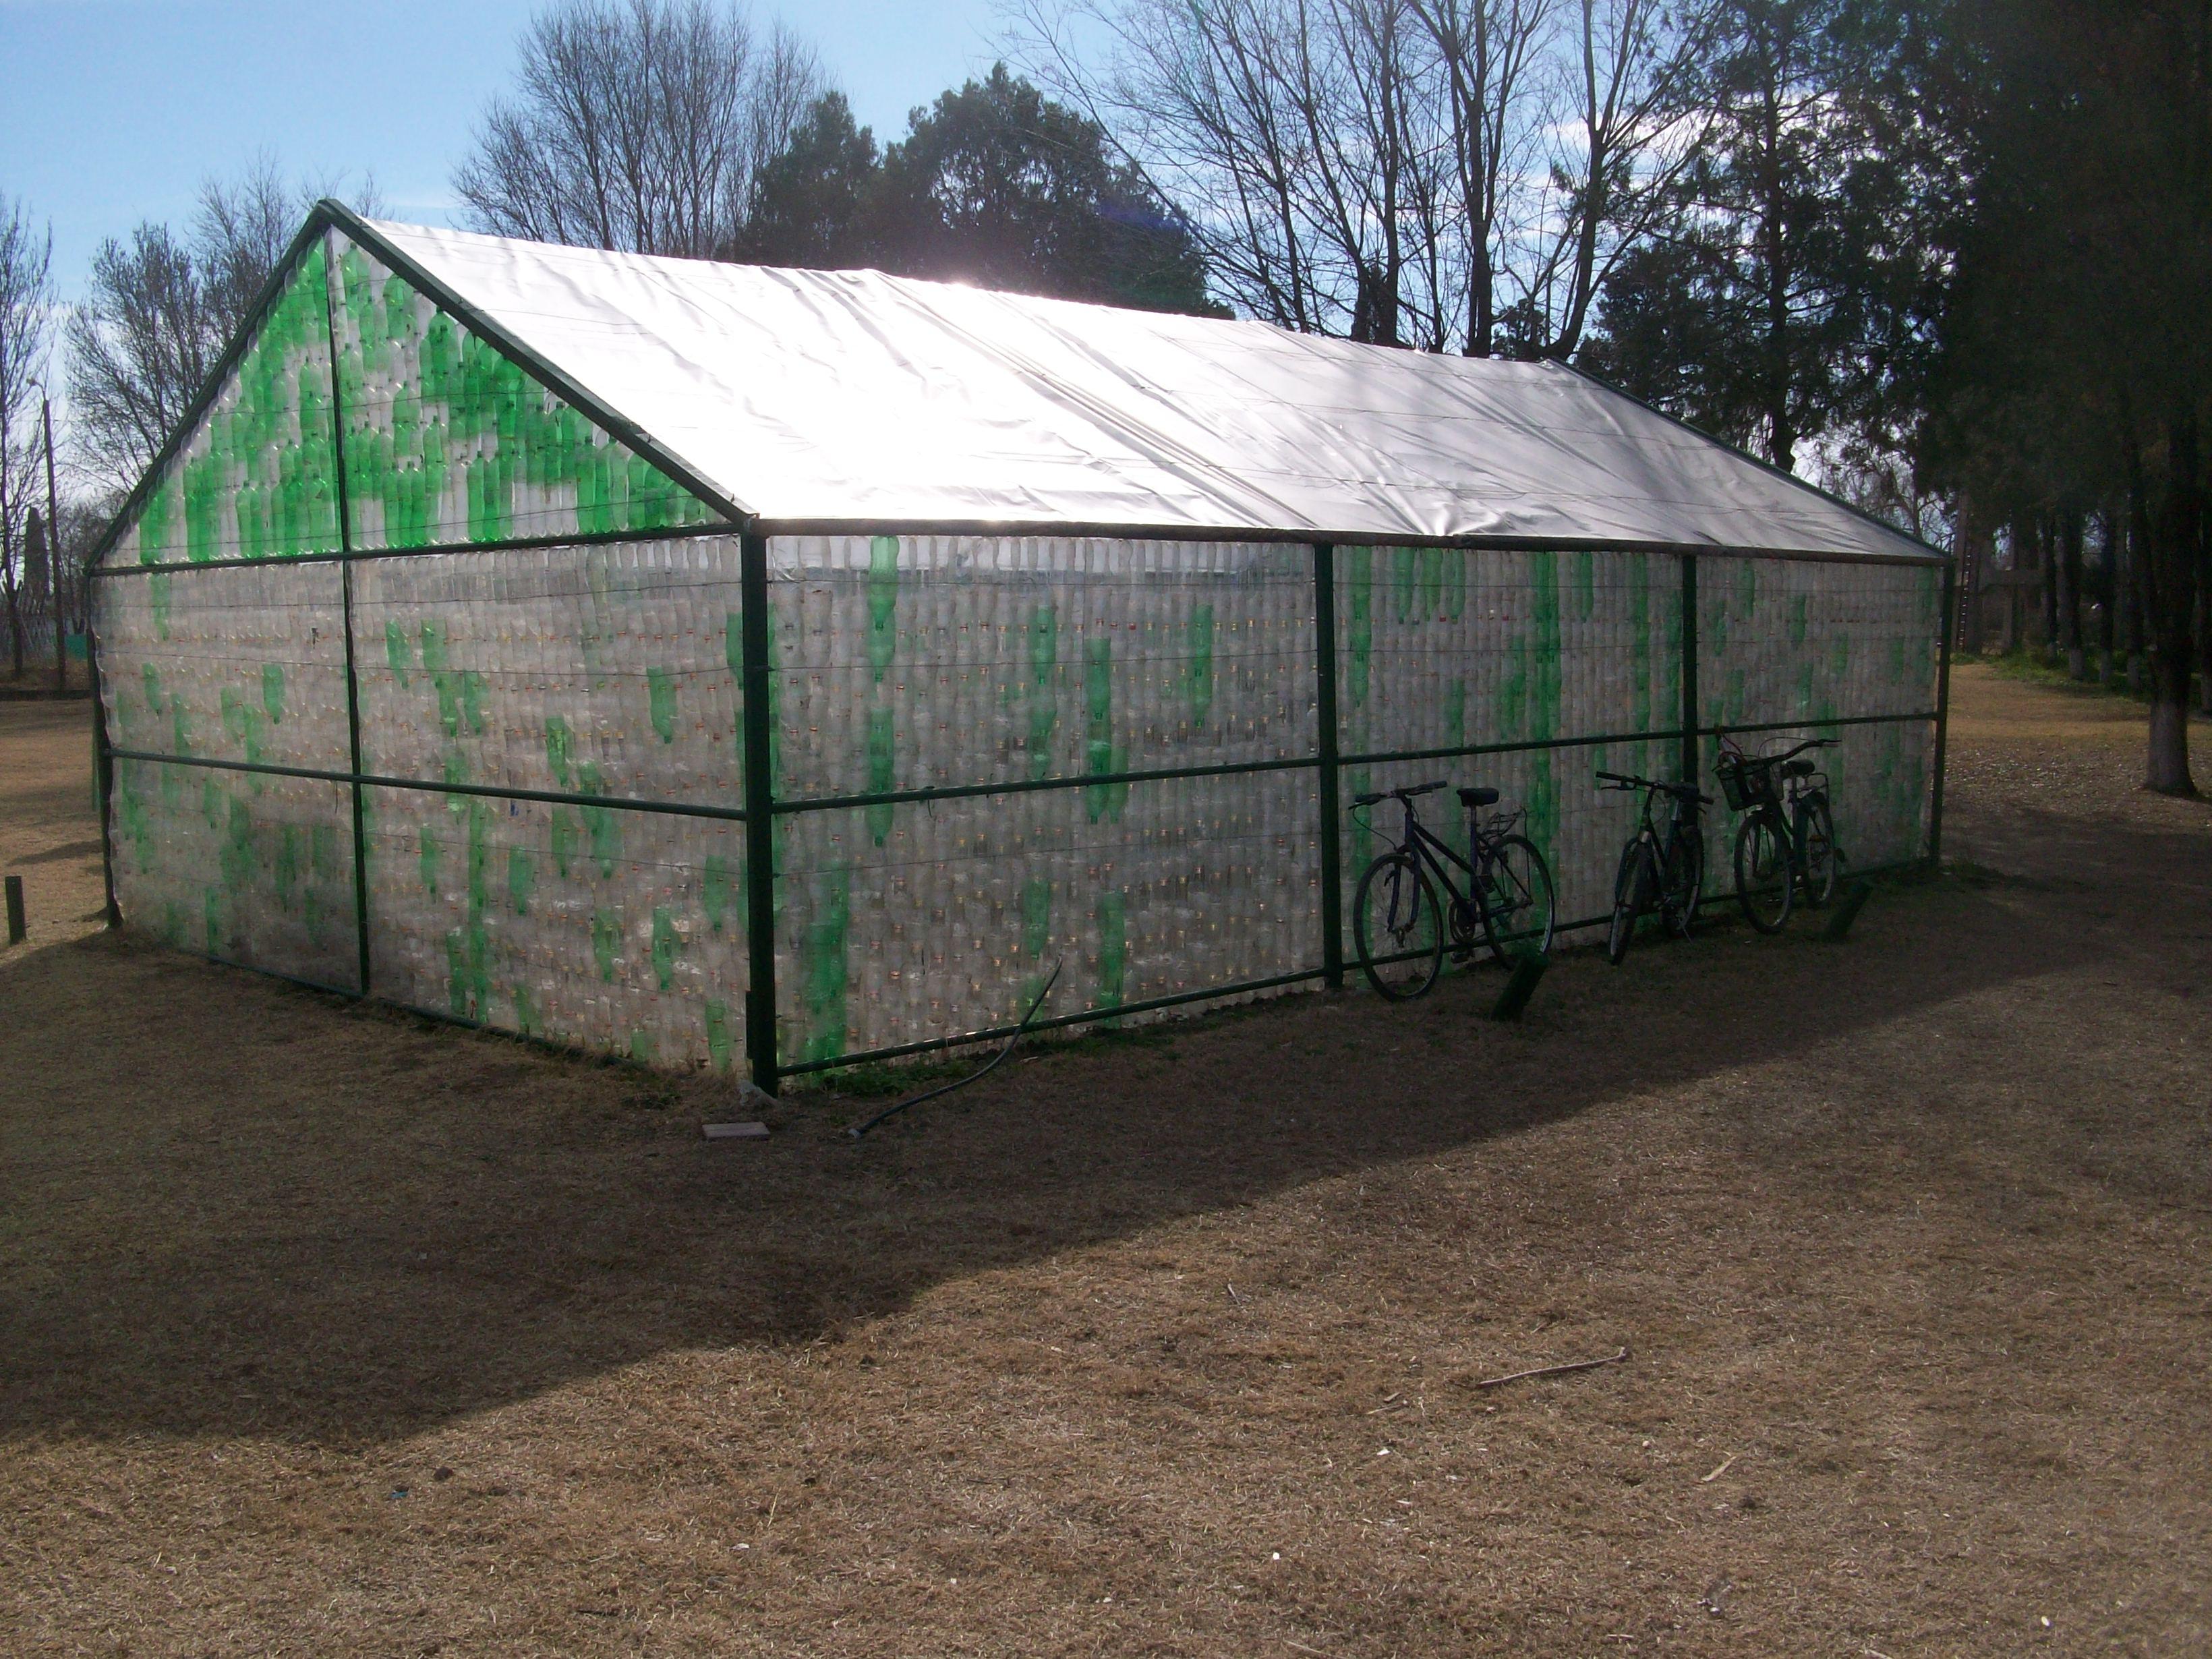 C mo construir un invernadero reutilizando botellas de - Fabricar un invernadero ...